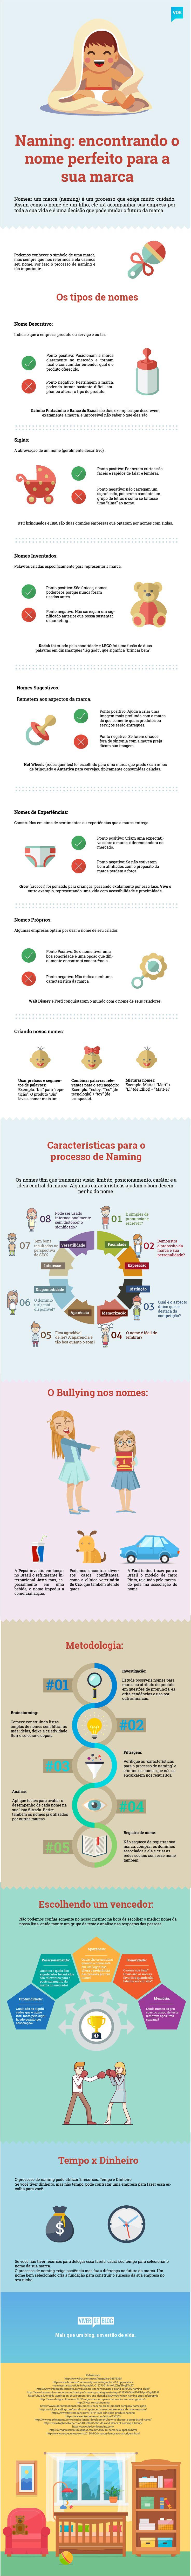 Infográfico com o processo de Naming, o passo a passo para encontrar o nome ideal da sua marca e garantir seu futuro brilhante.